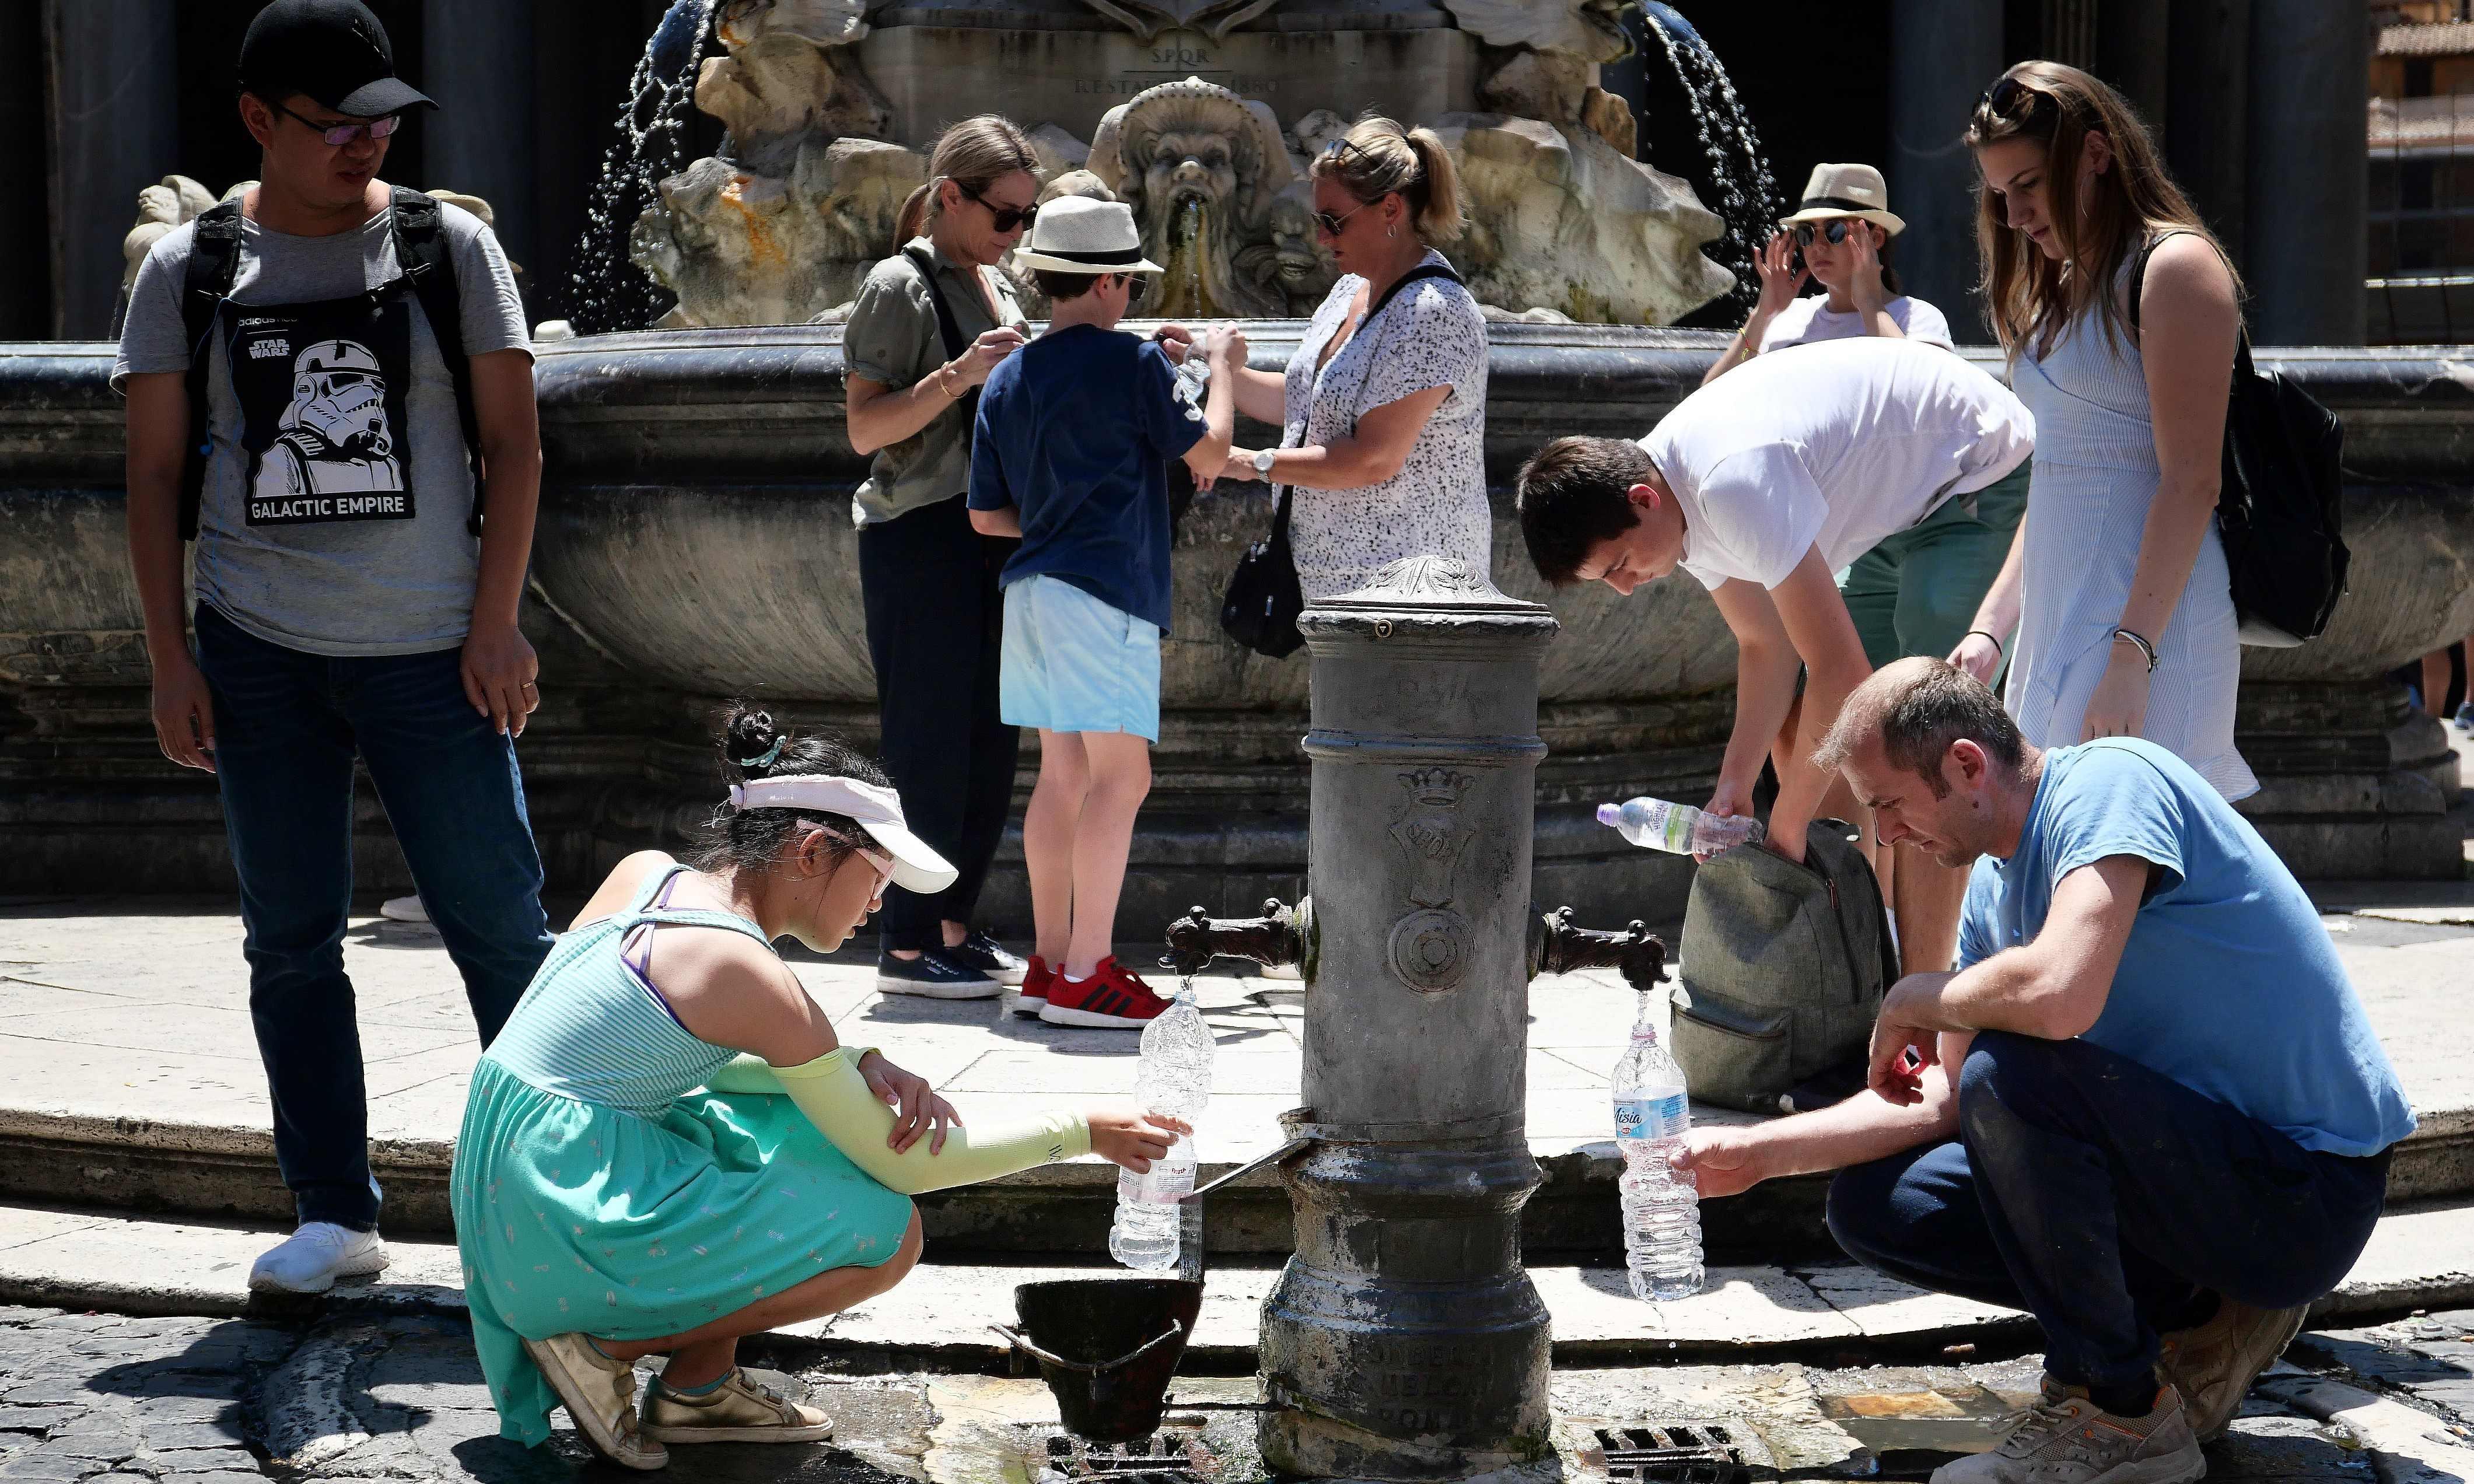 'Hell is coming': week-long heatwave begins across Europe